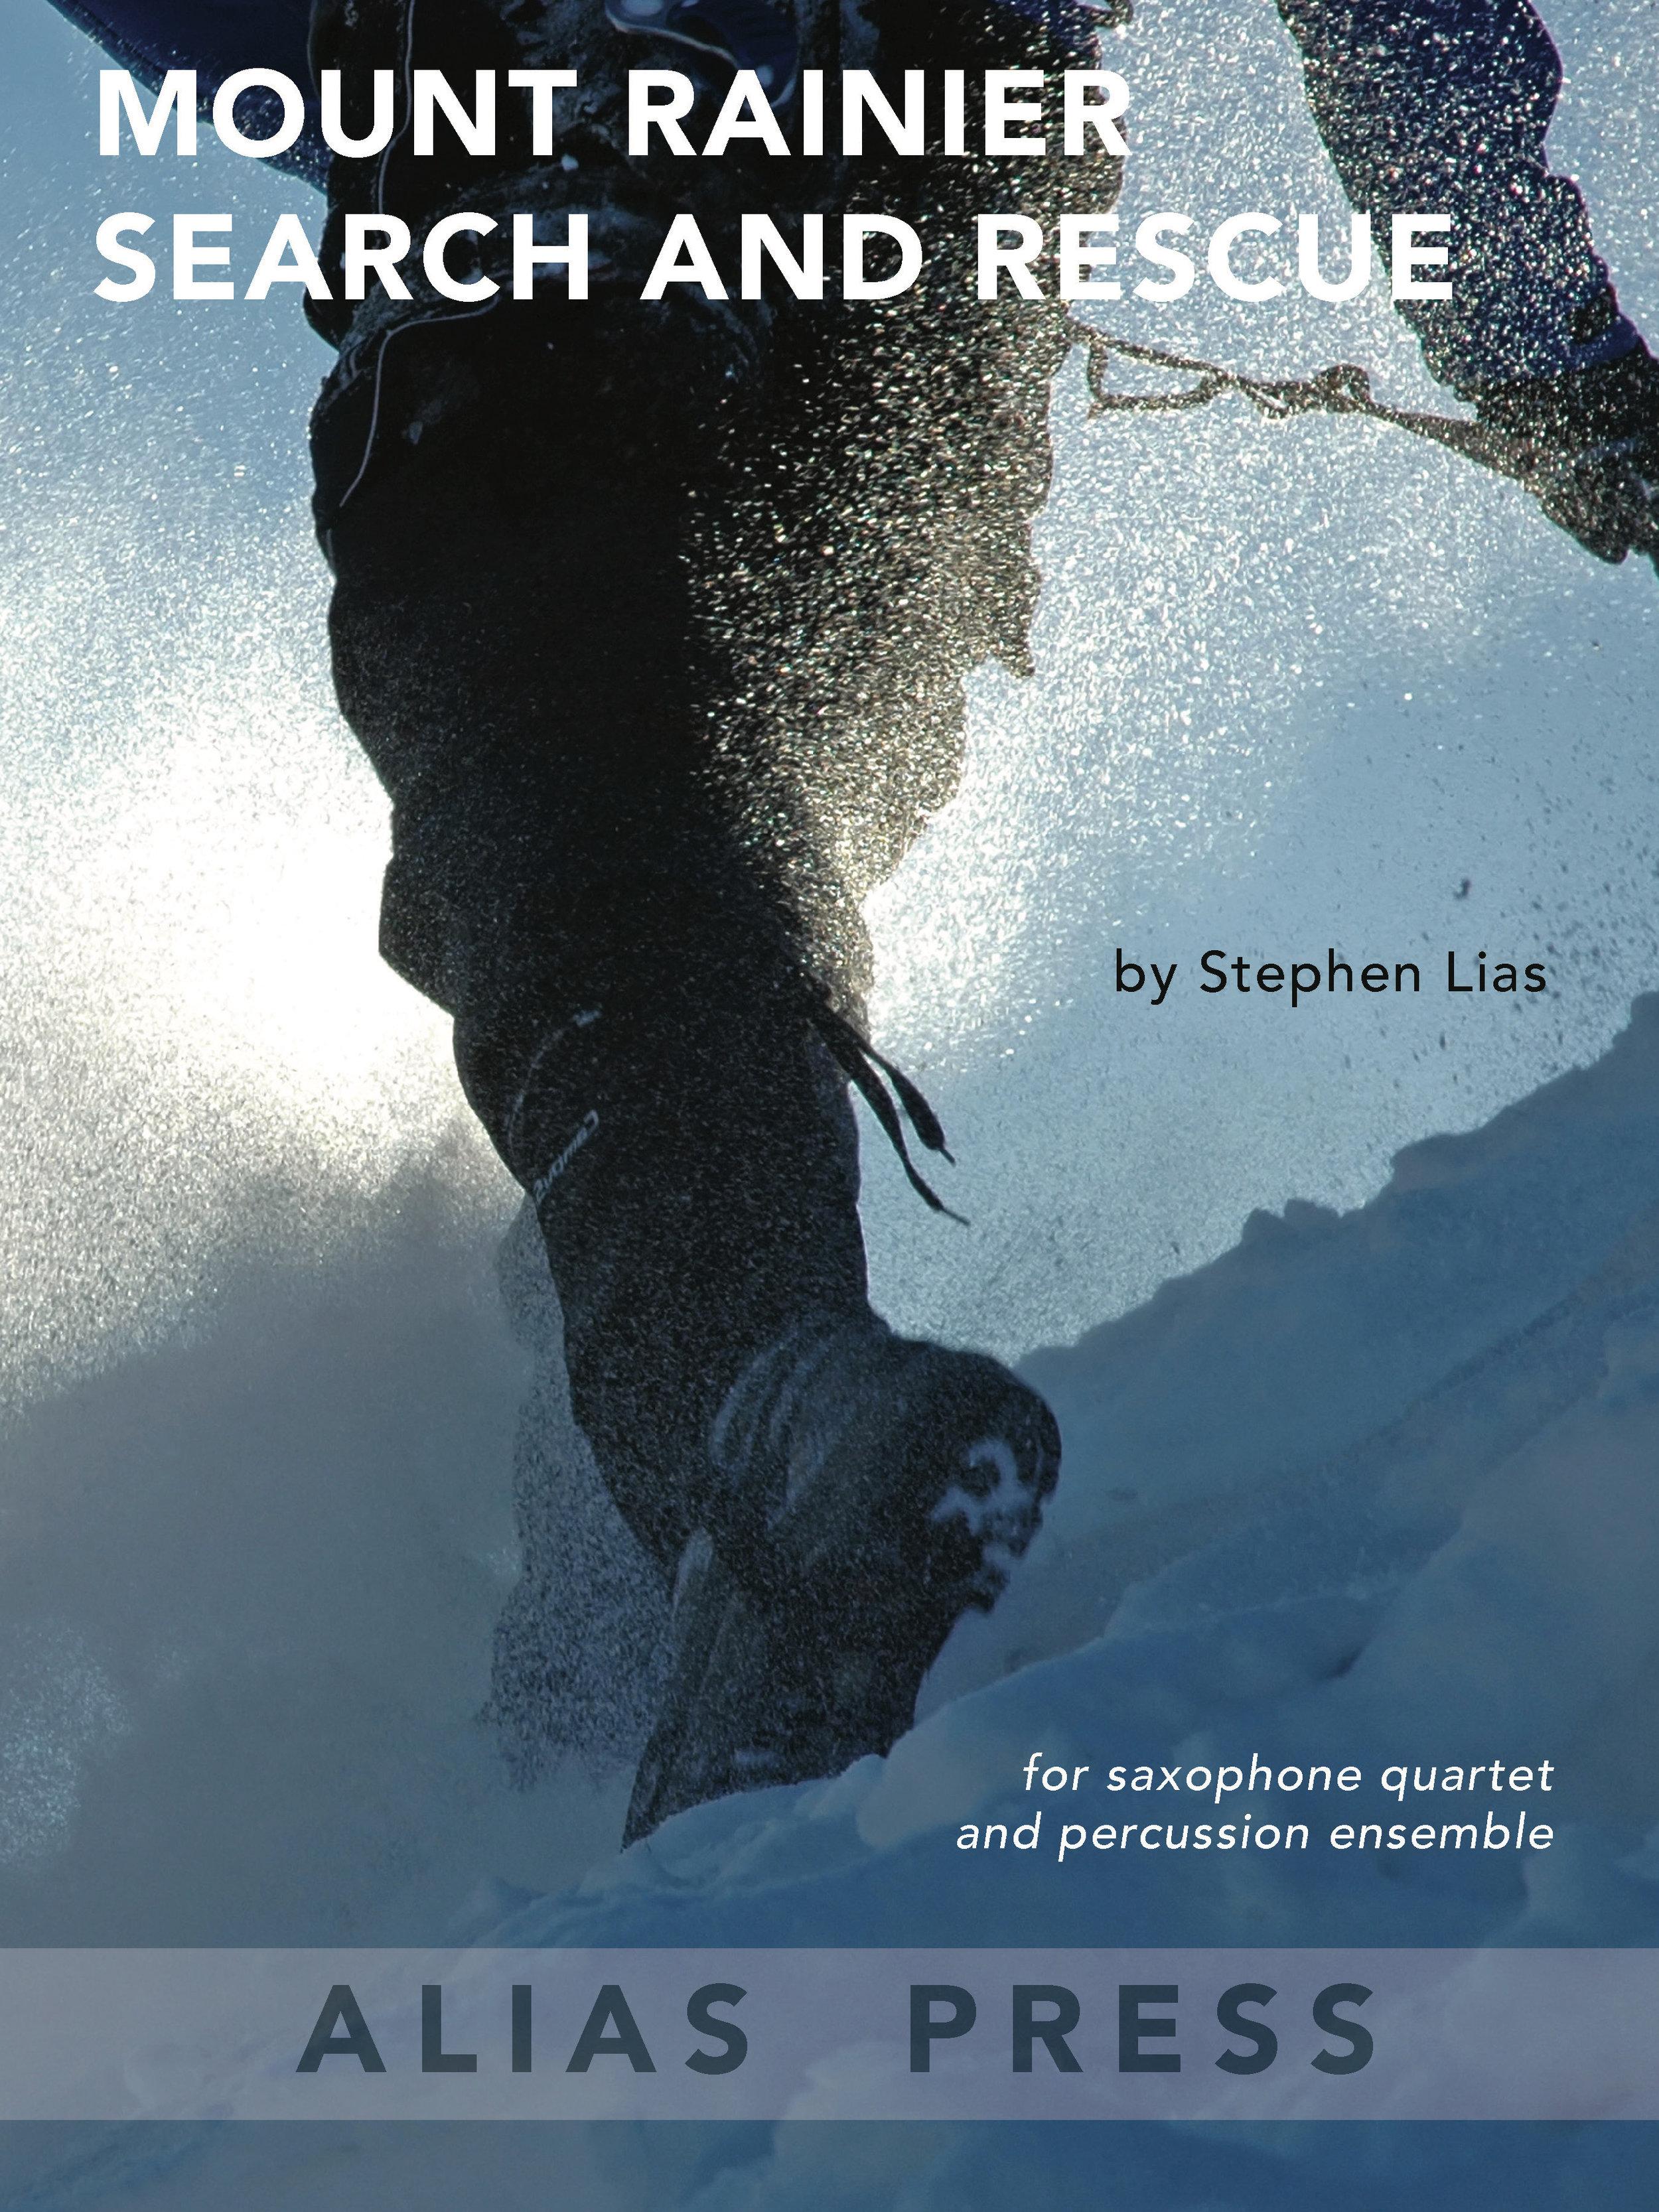 Mount Rainier Search and Rescue Presser Cover.jpg